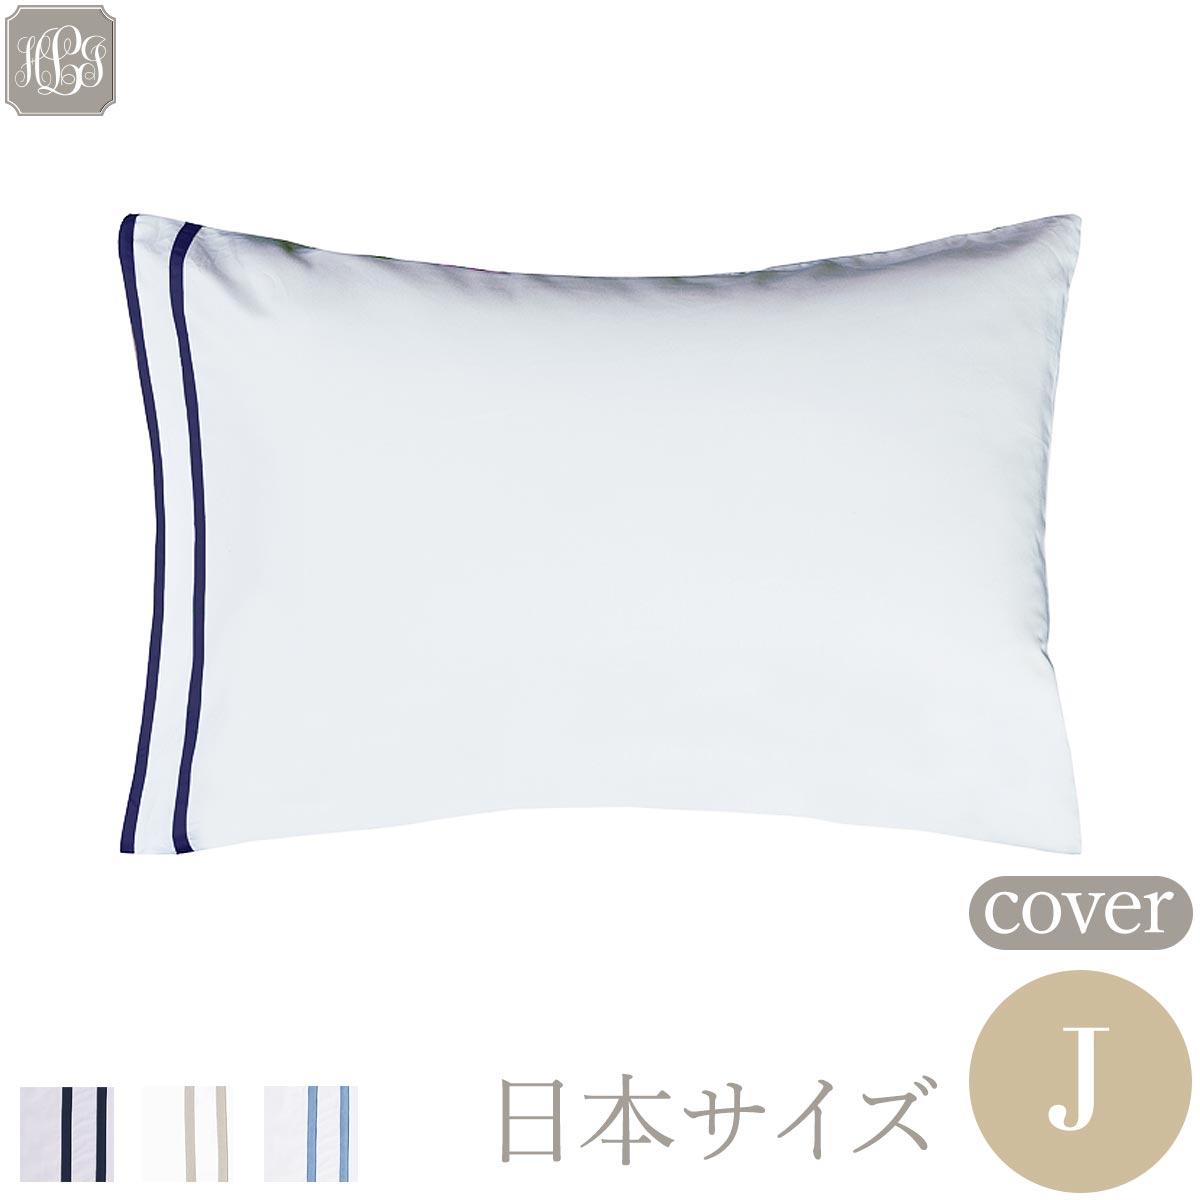 ピローケース / 封筒型日本サイズ / 45×65cm / 400TC ホテル